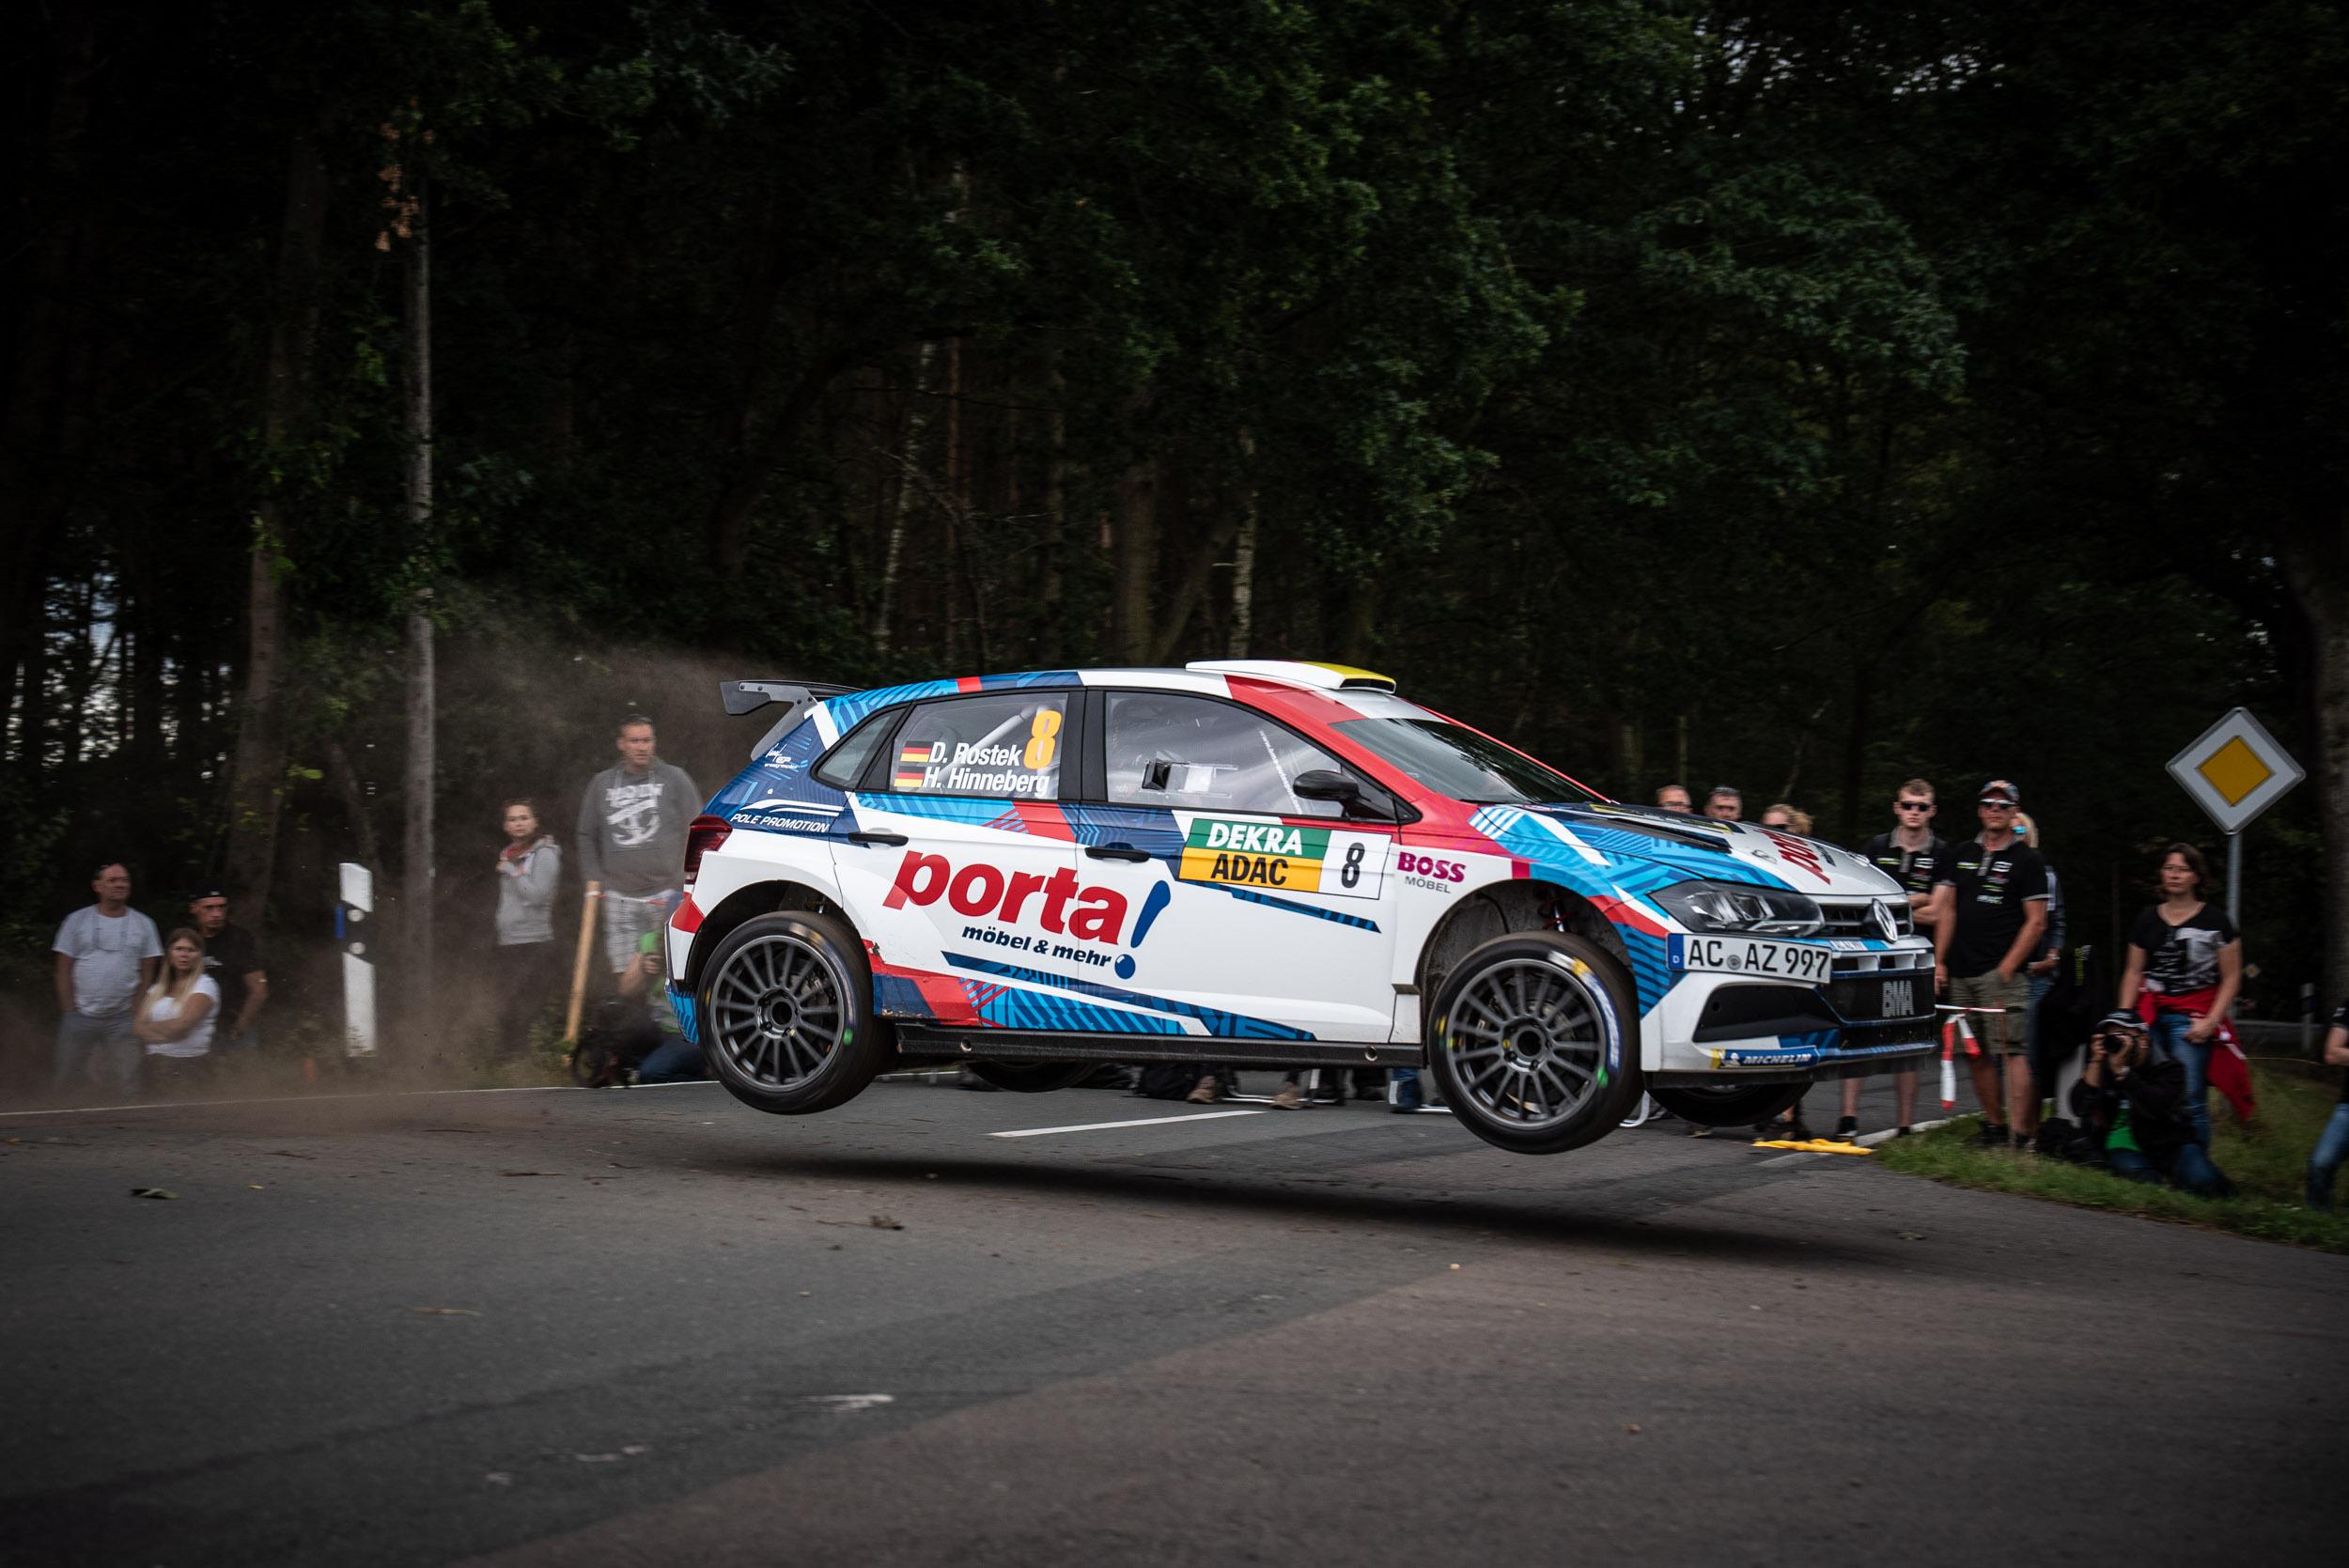 Adac Rallye 2021